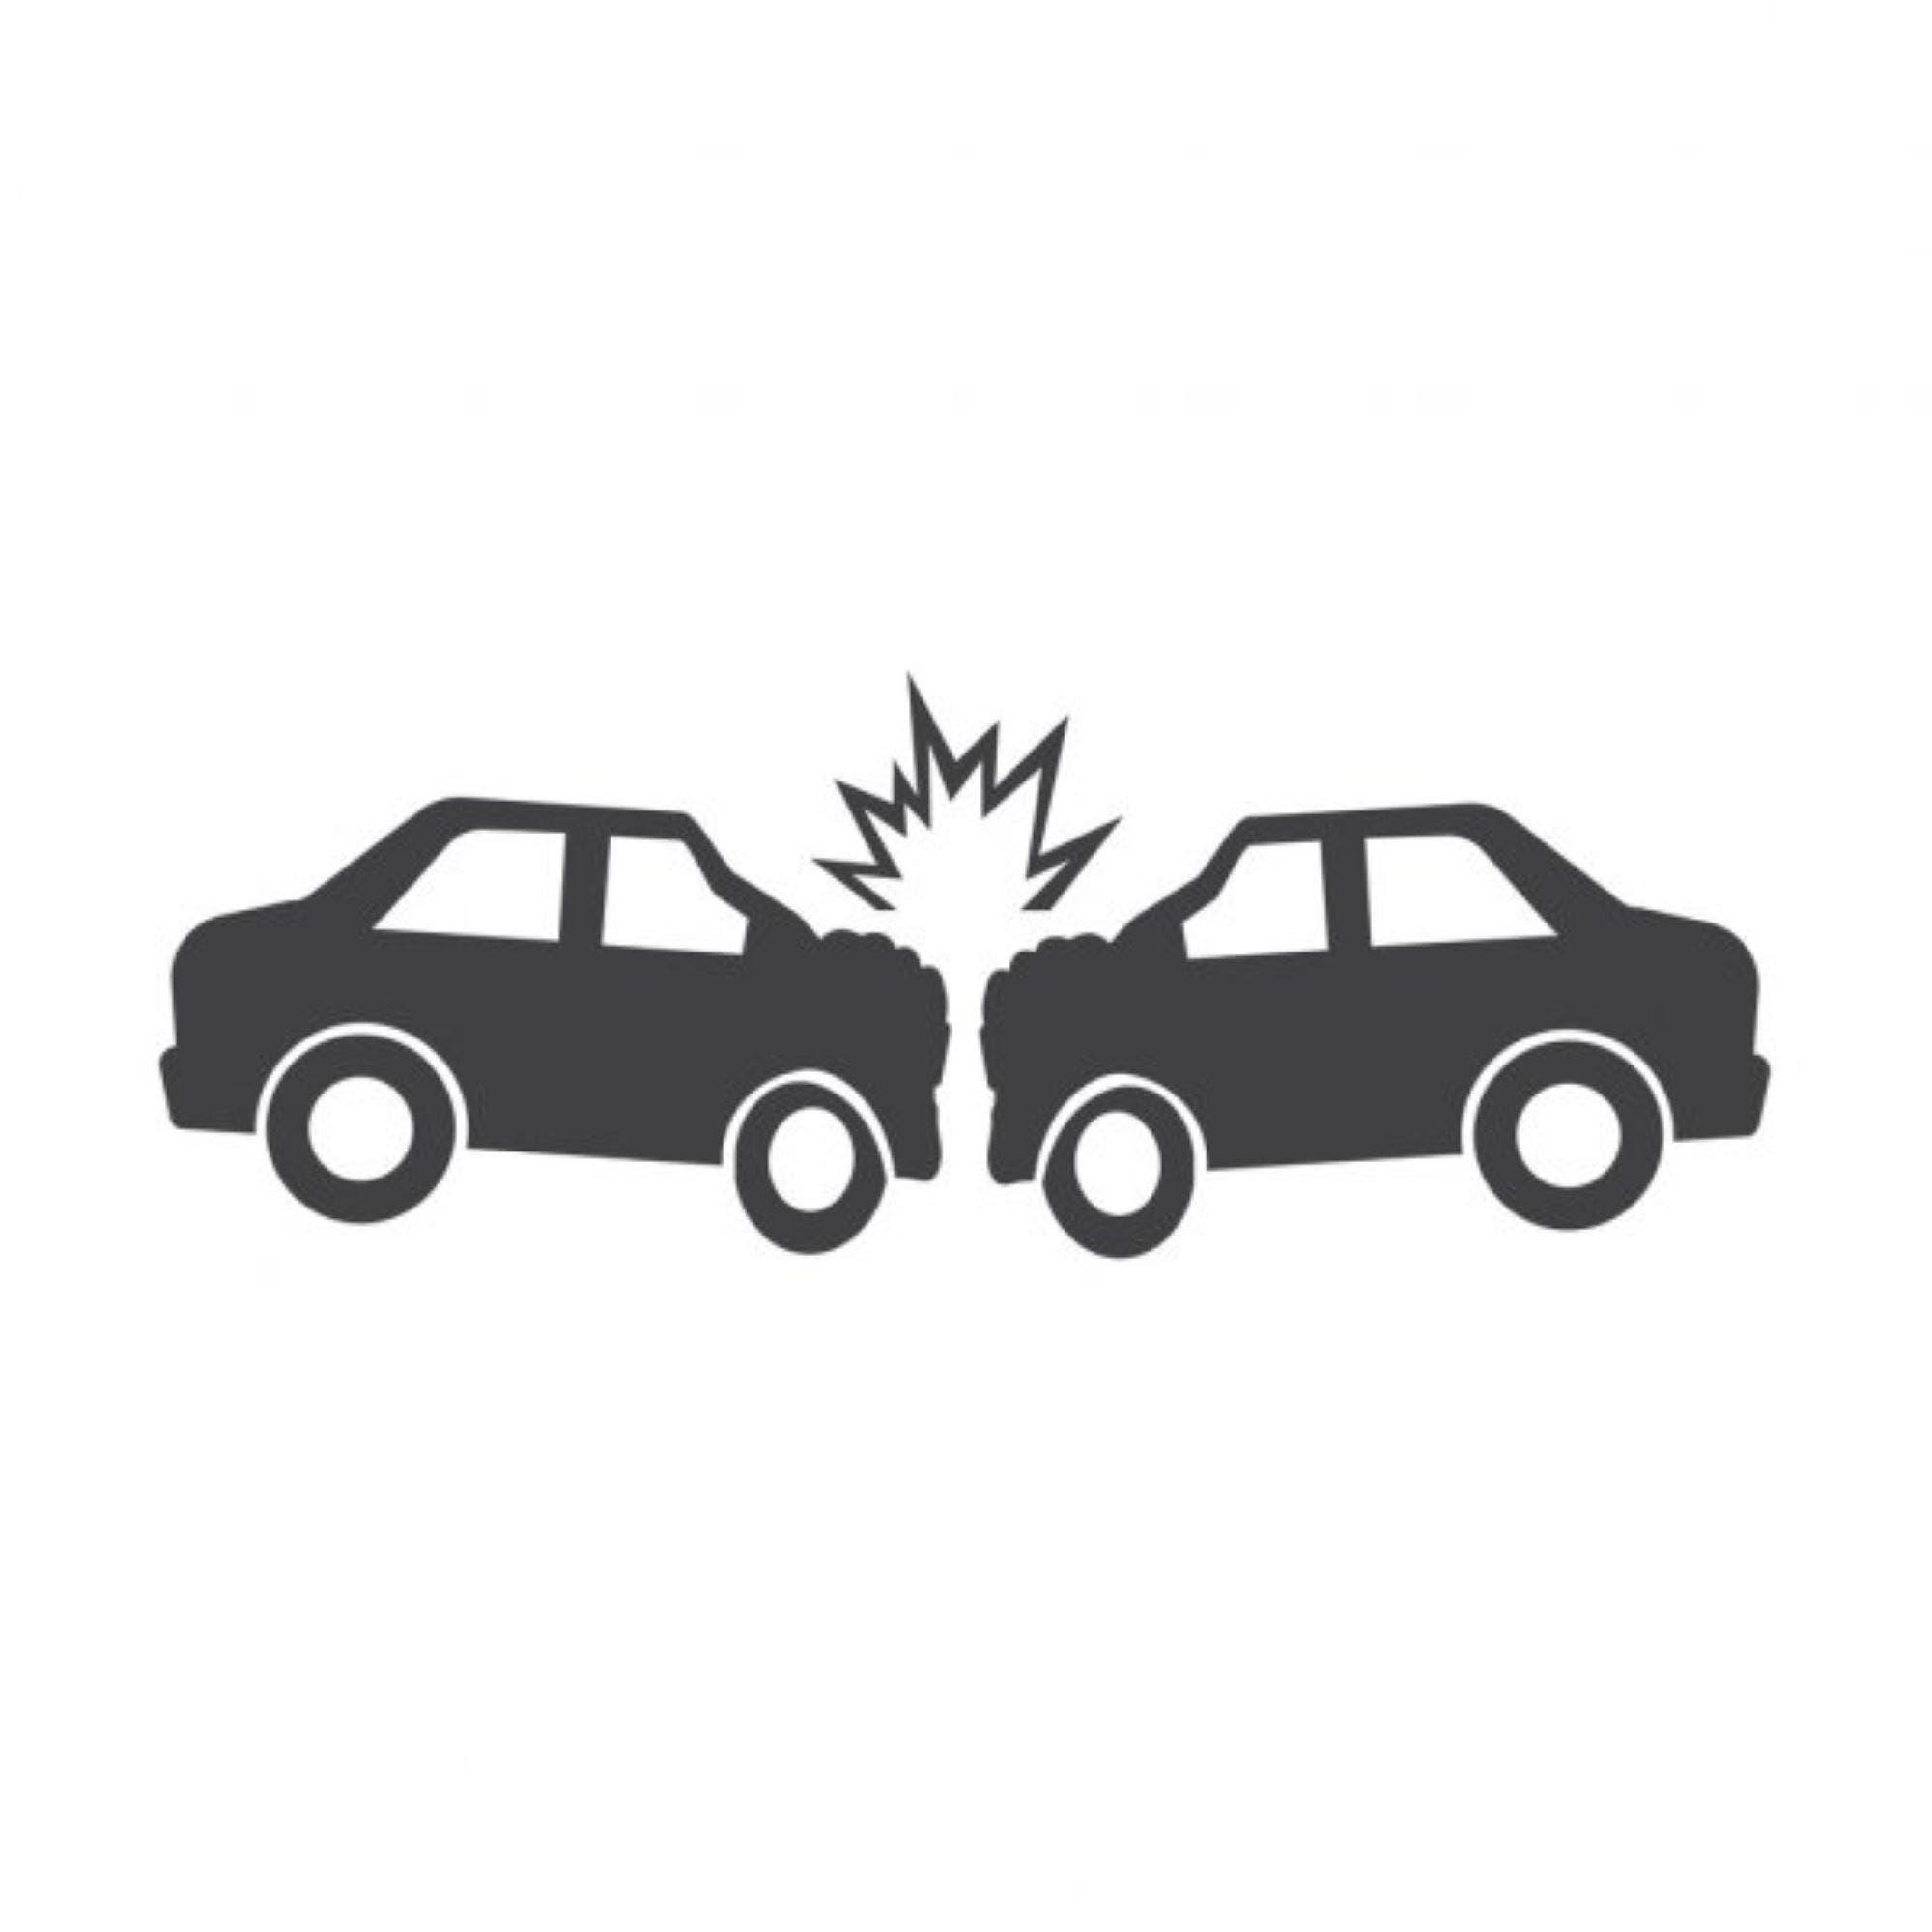 Danno biologico Rc auto